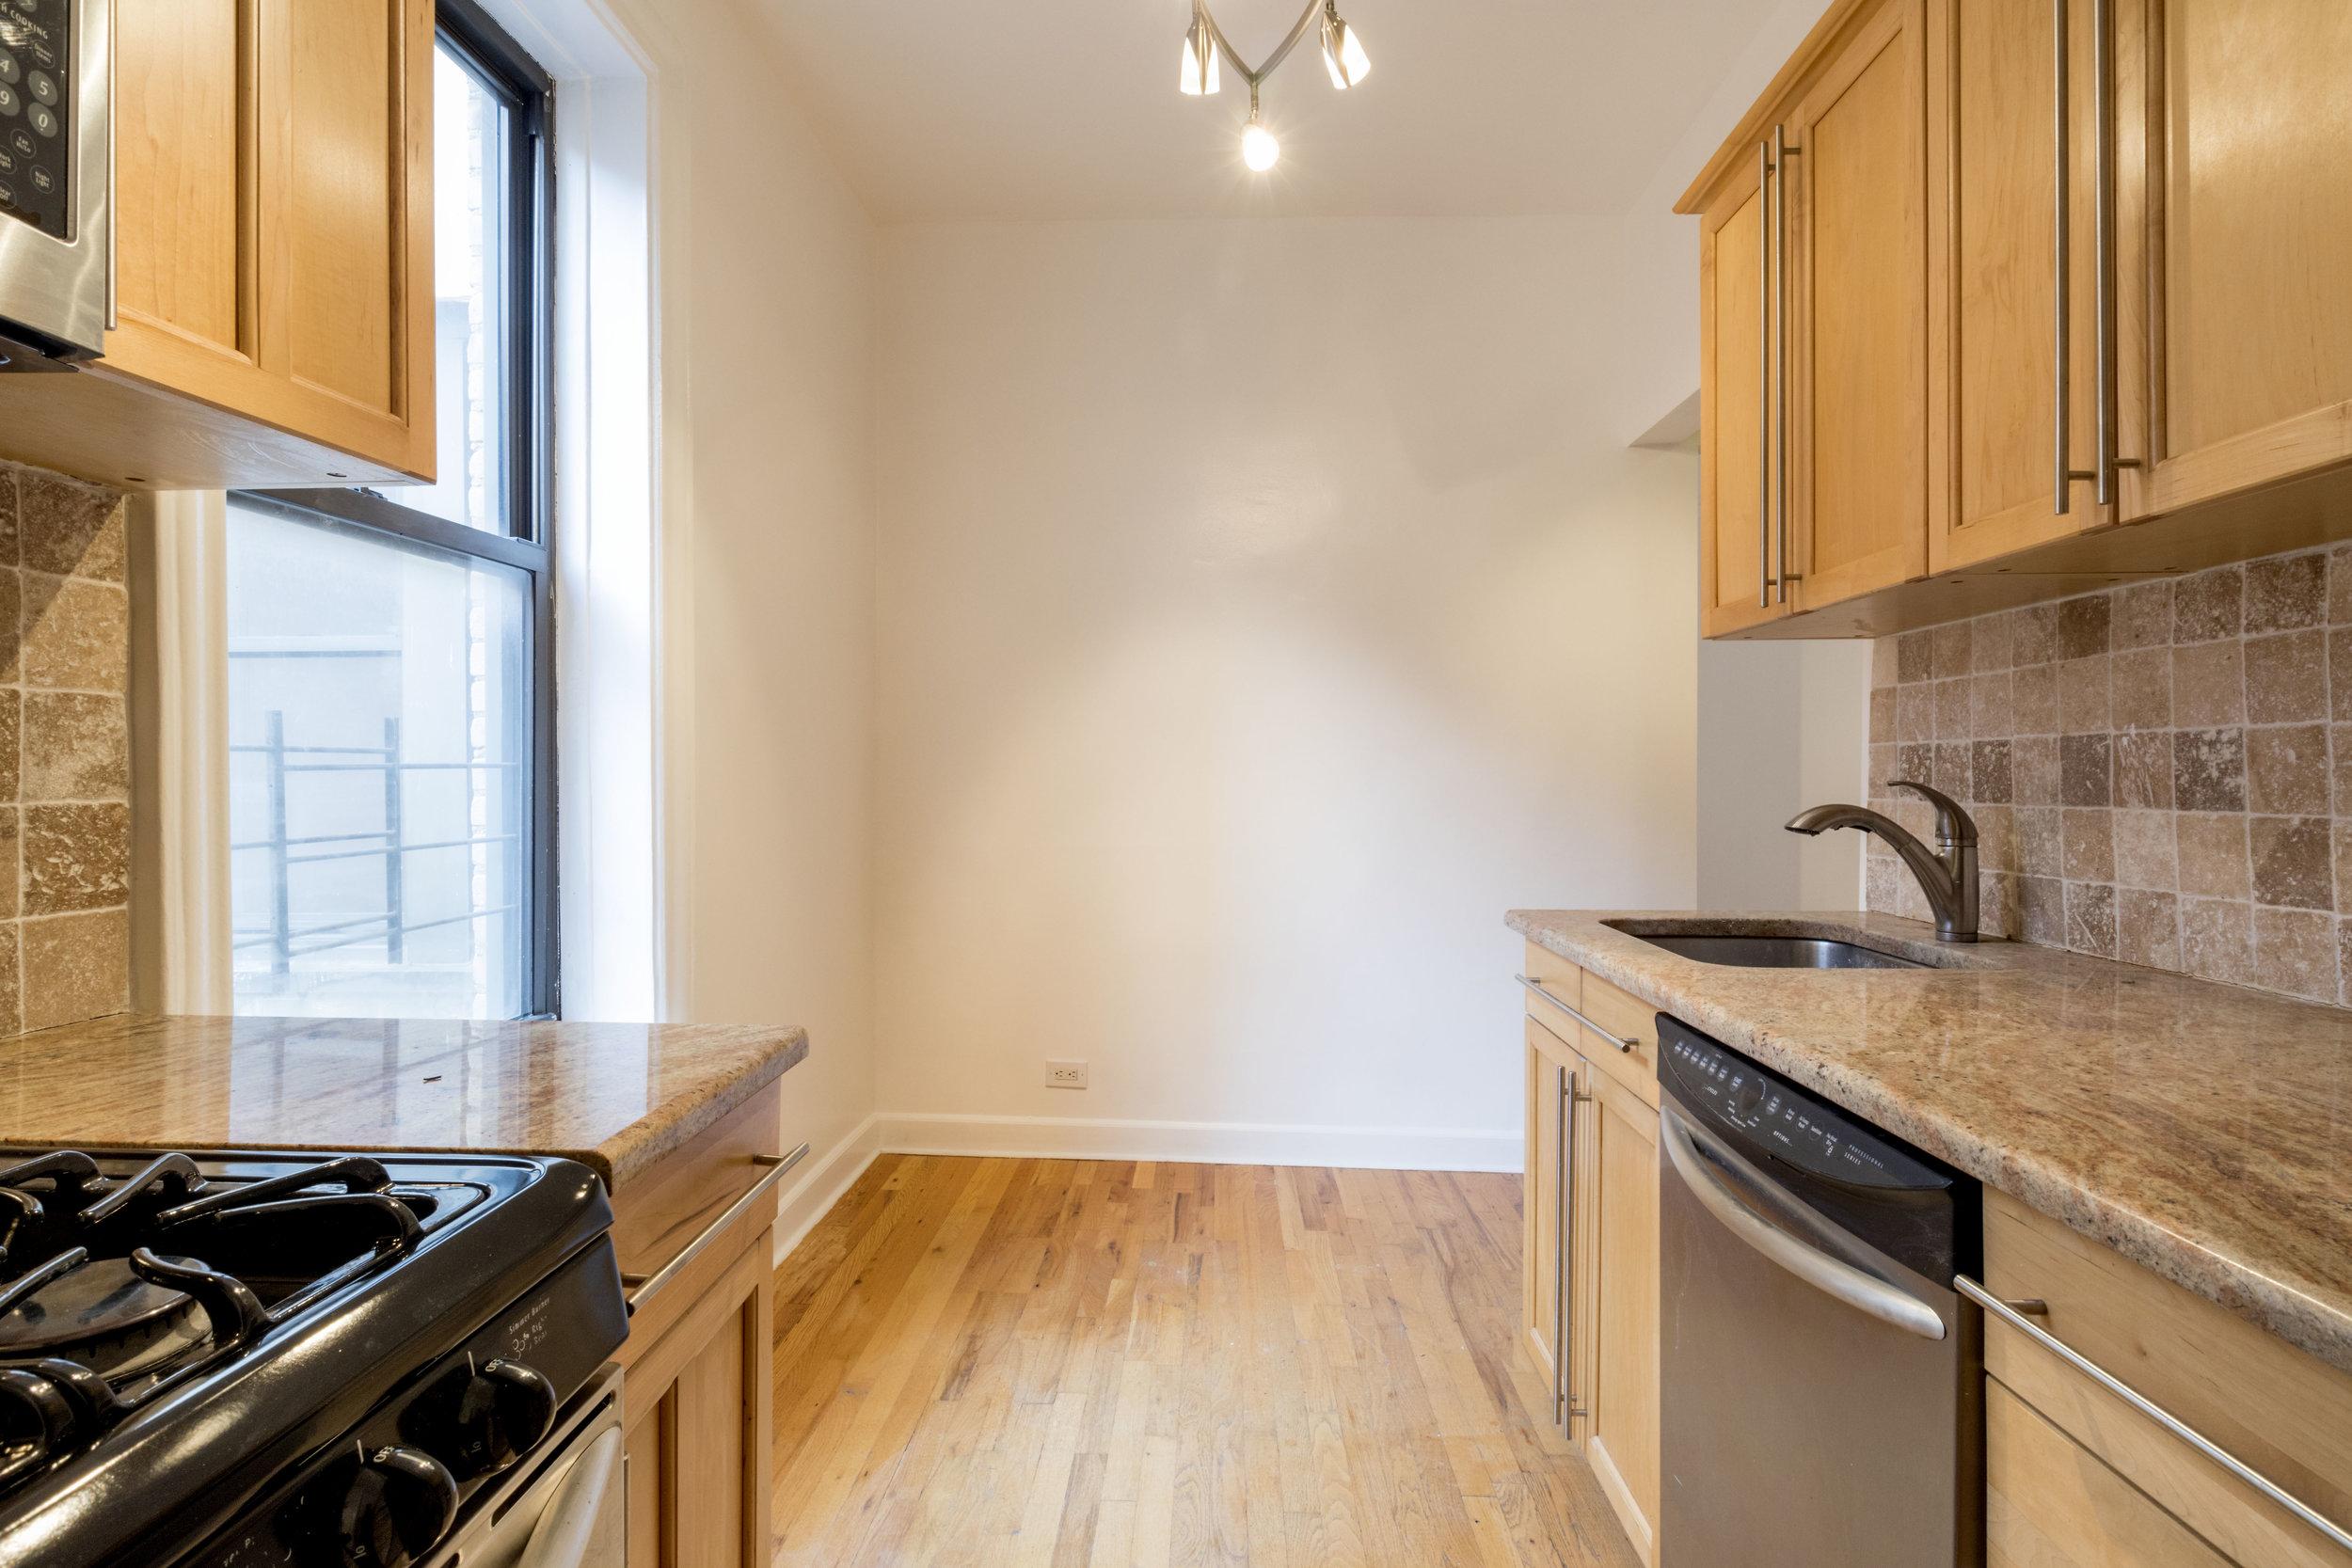 277-Wash-5-Kitchen.jpg